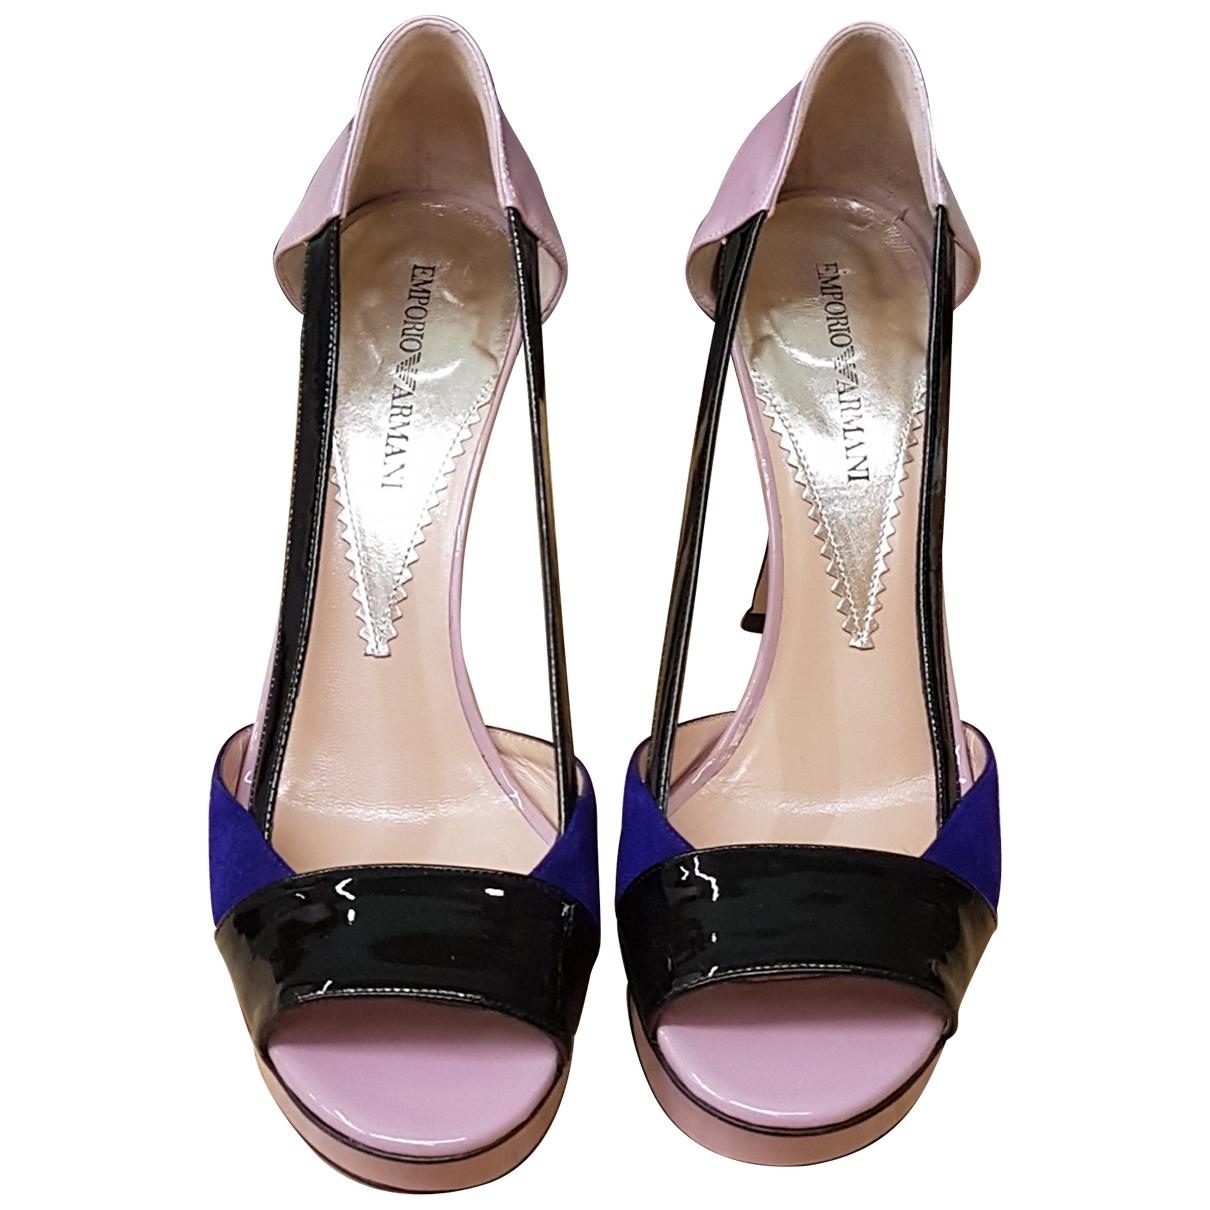 Emporio Armani - Escarpins   pour femme en cuir verni - multicolore